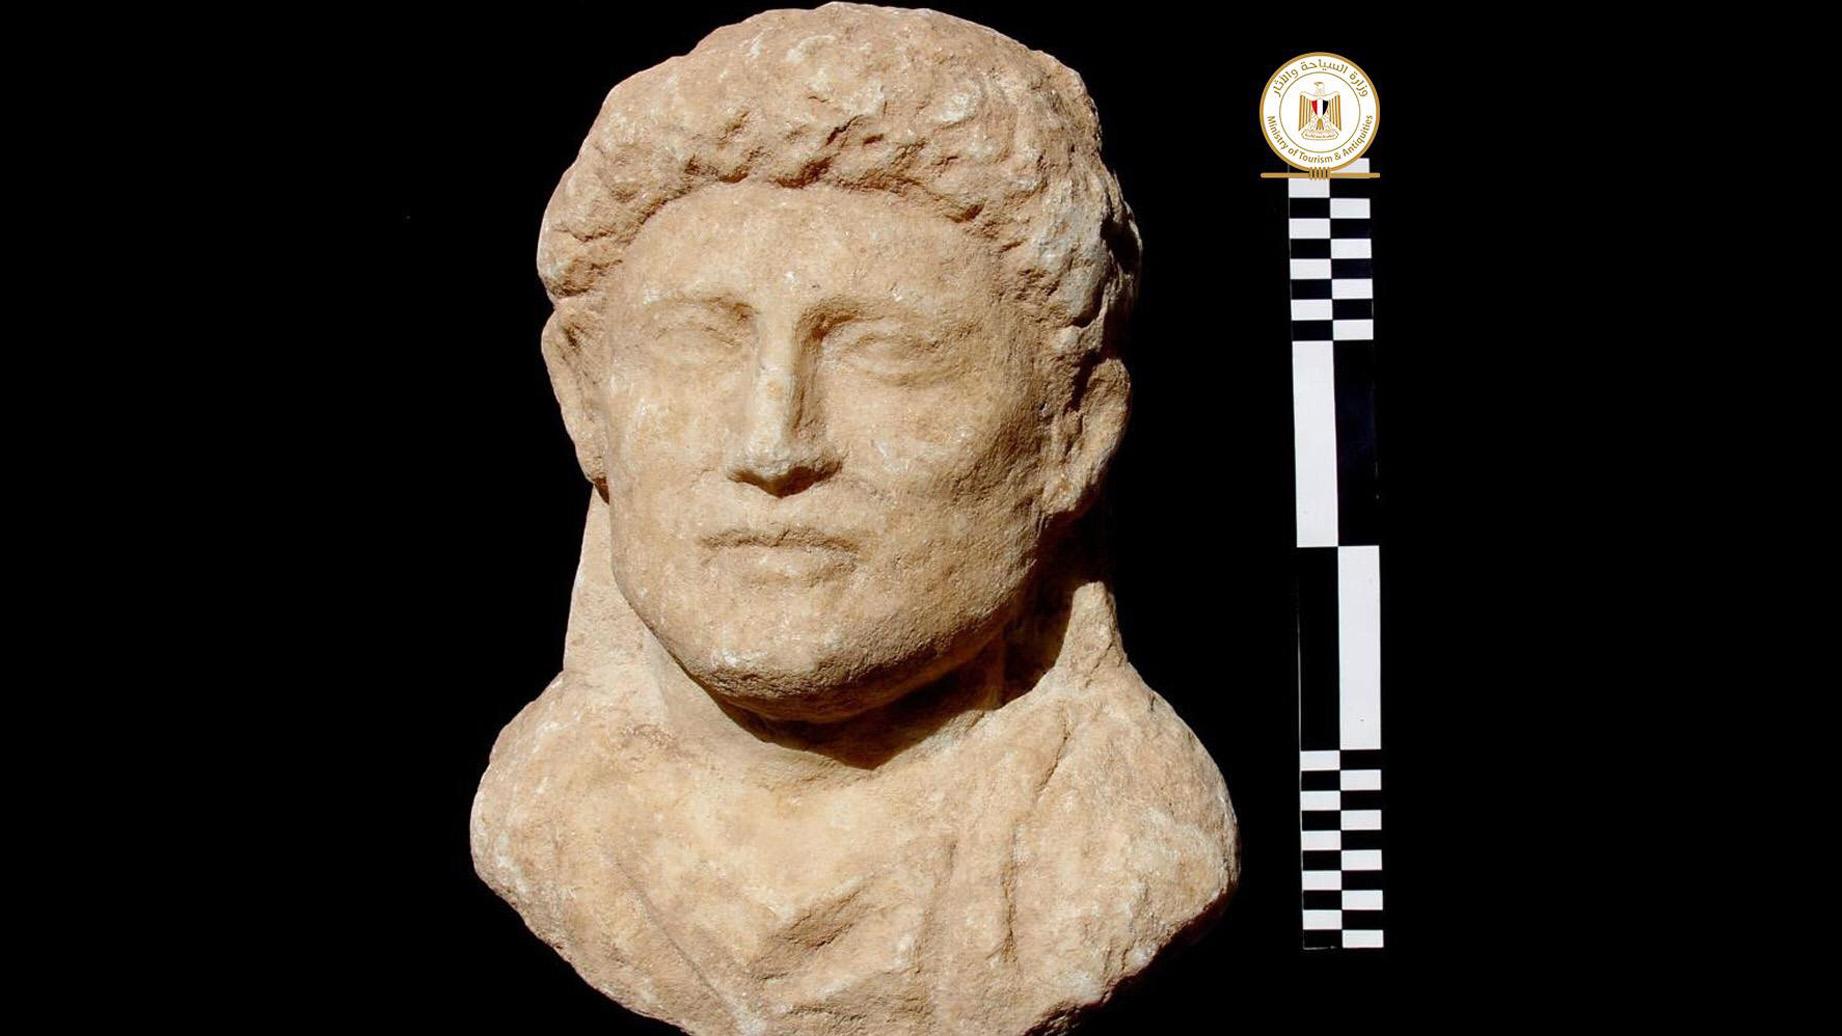 Cette statue représente également l'un des défunts, un homme dont la coiffure est représentée en détail.